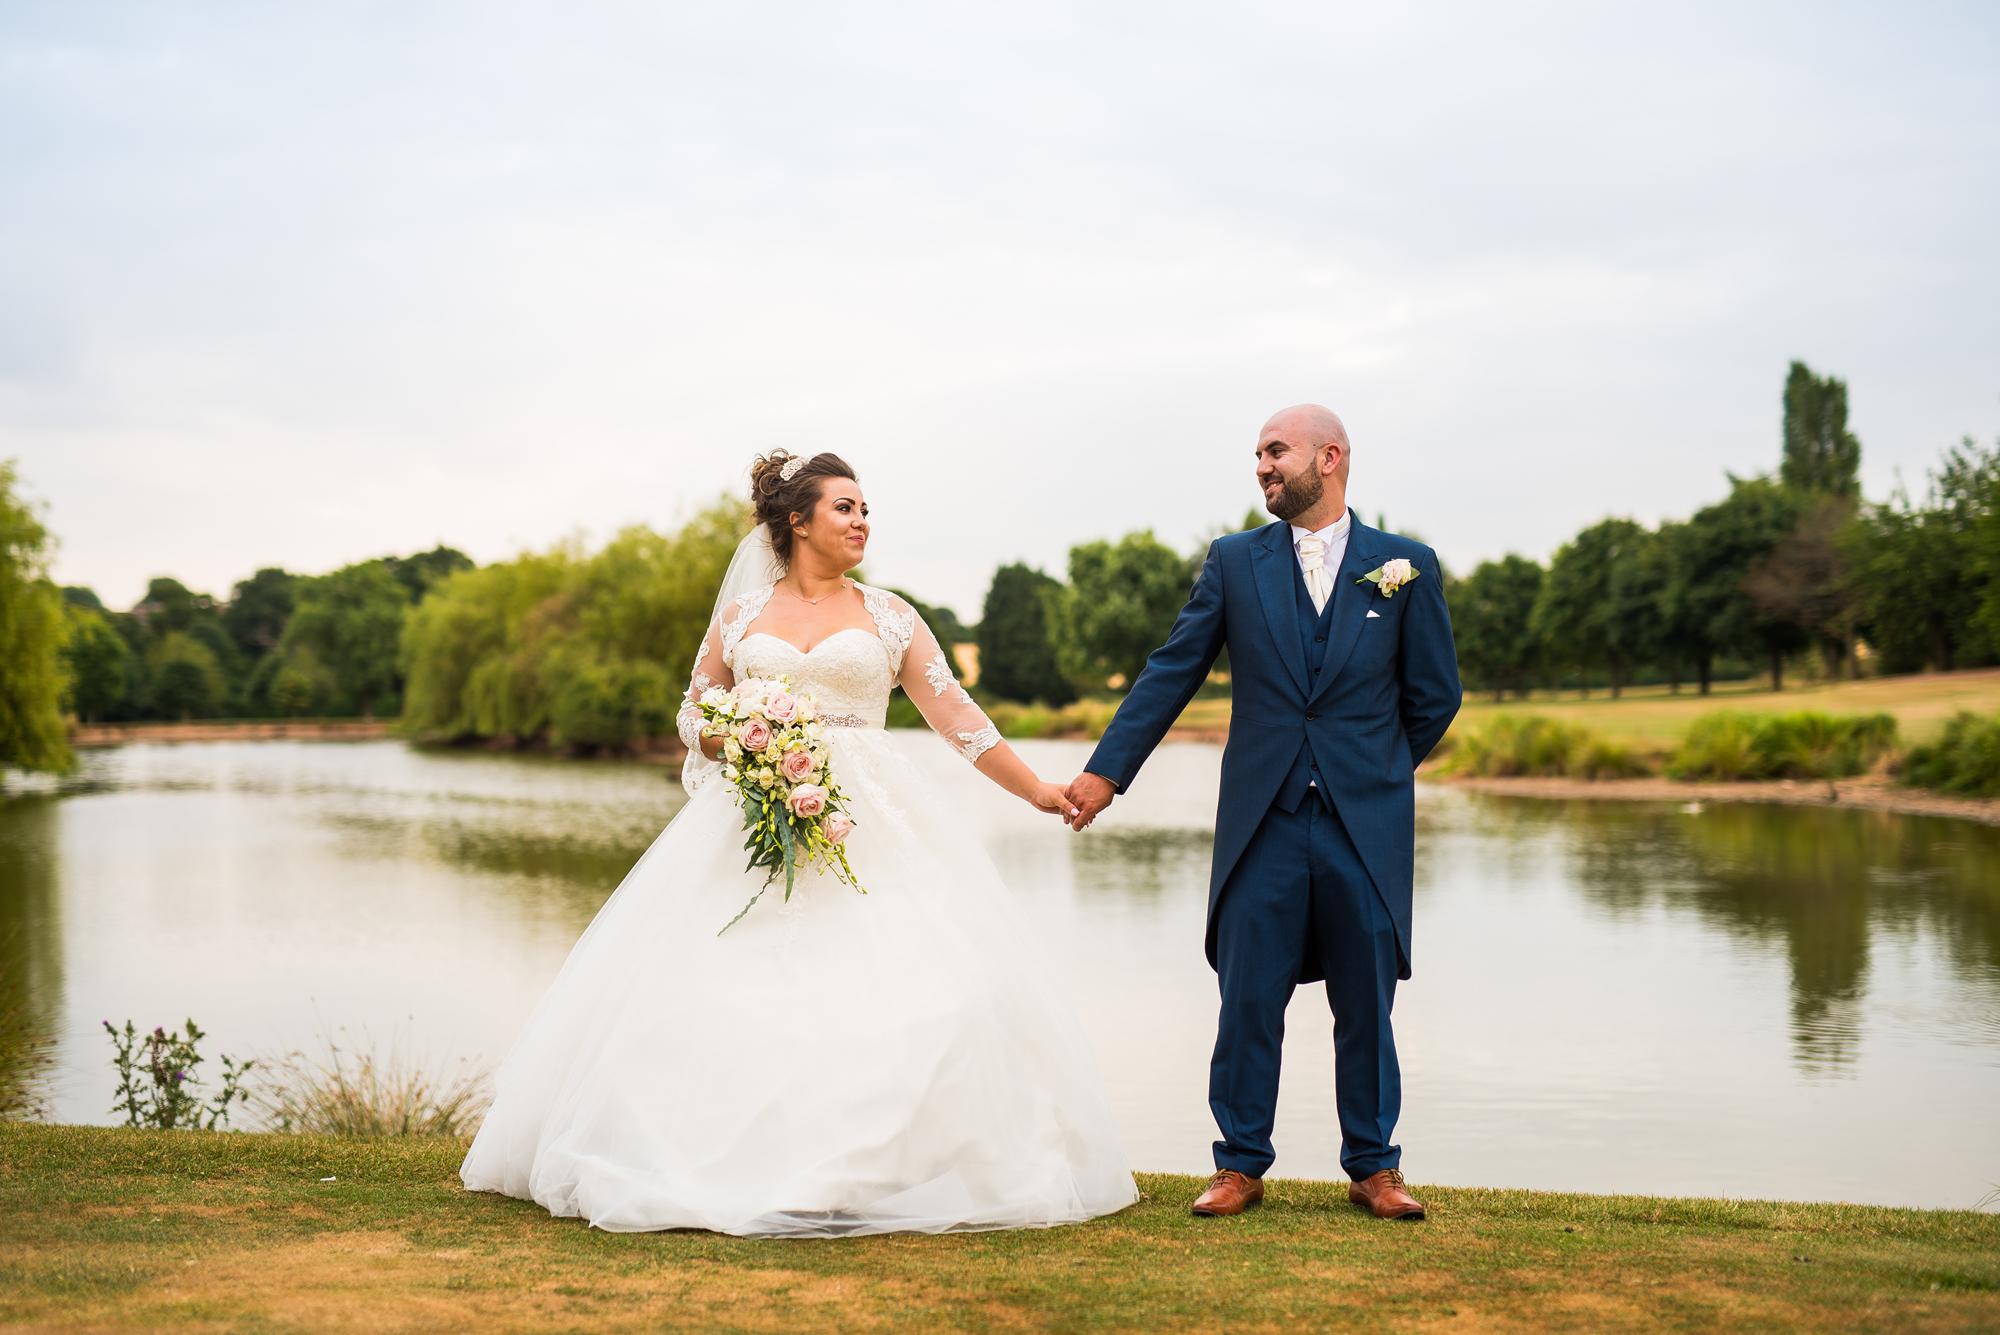 Roise and John wedding photos (323 of 383).jpg